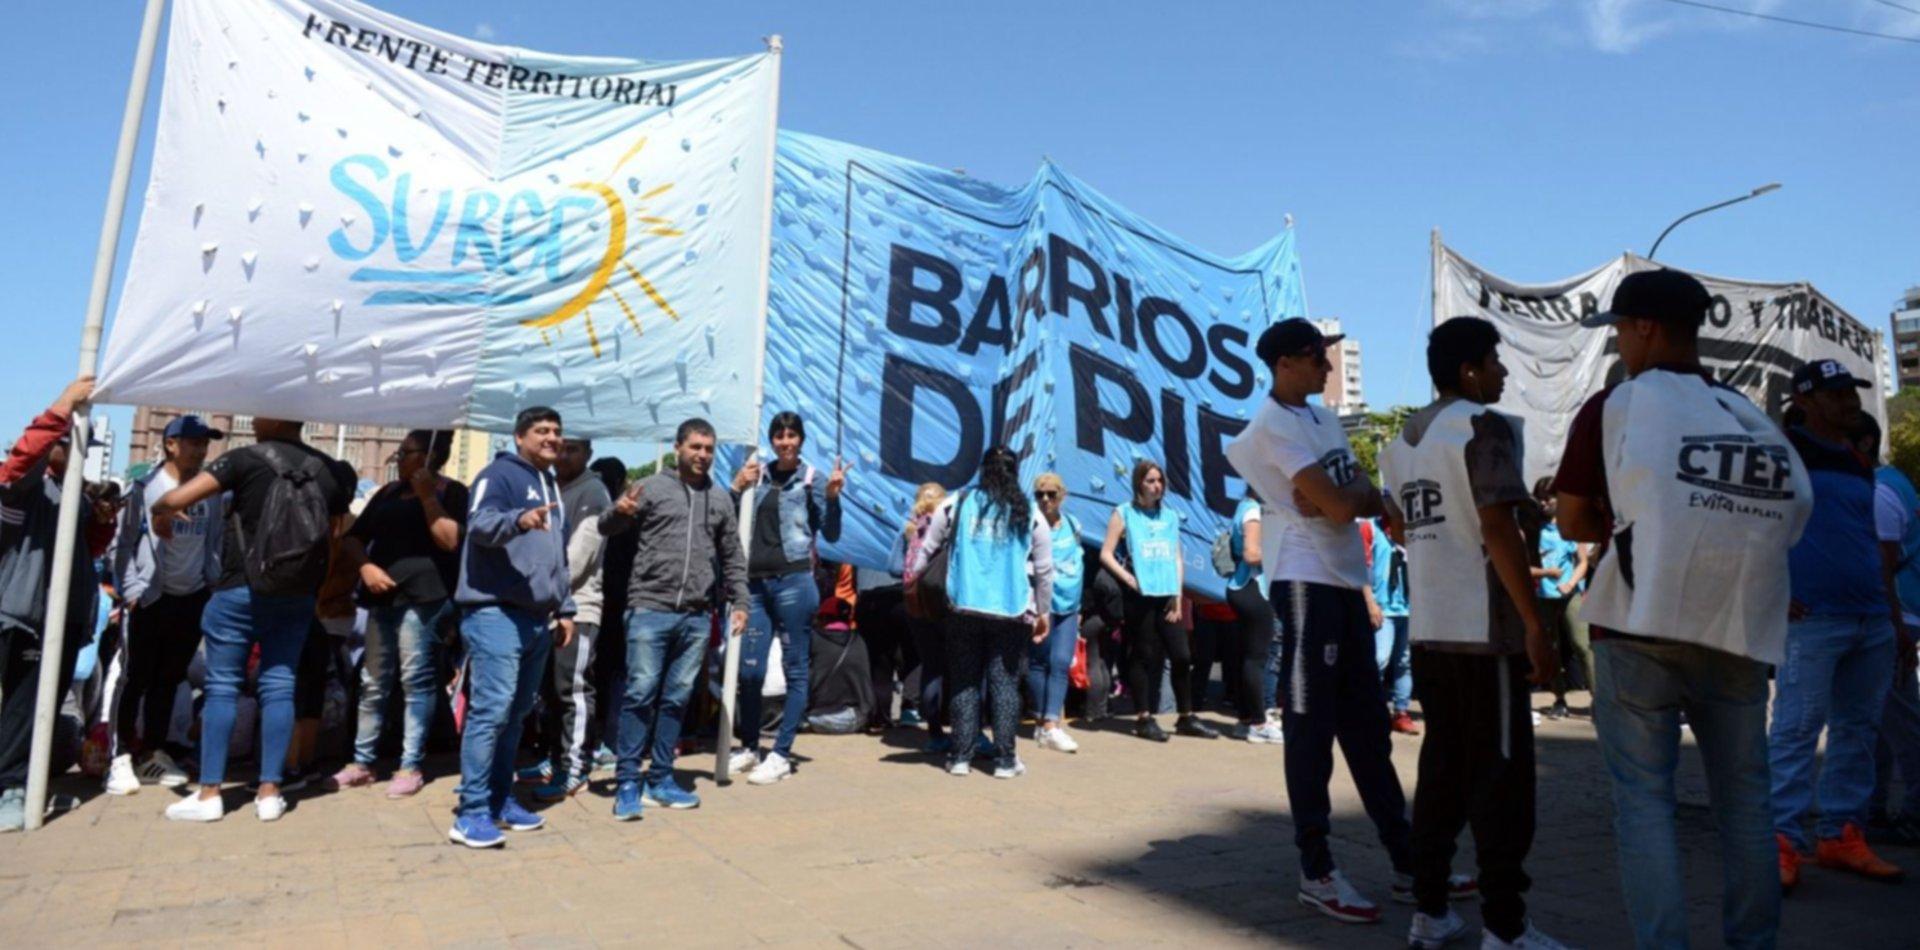 Movilización y caos: cooperativistas cortarán el tránsito en varios puntos de la ciudad